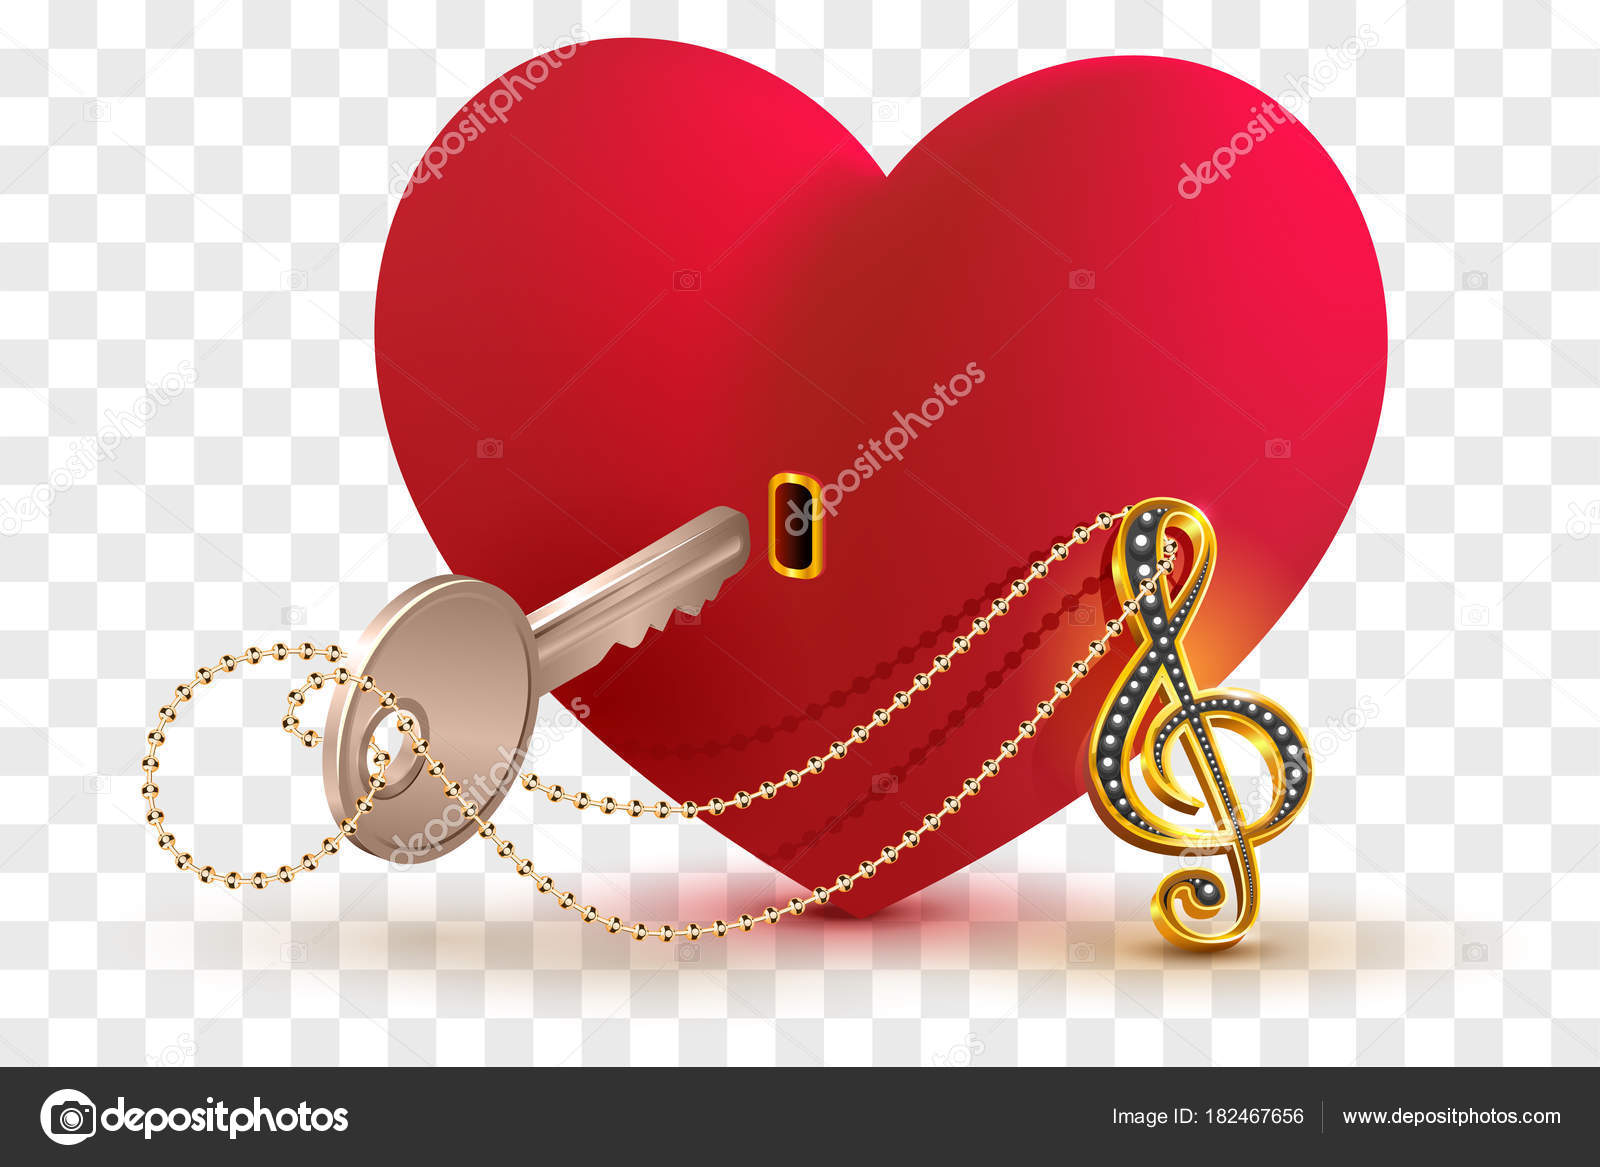 Imágenes Clave De Sol Corazon Musical Clave De Sol Clave Para